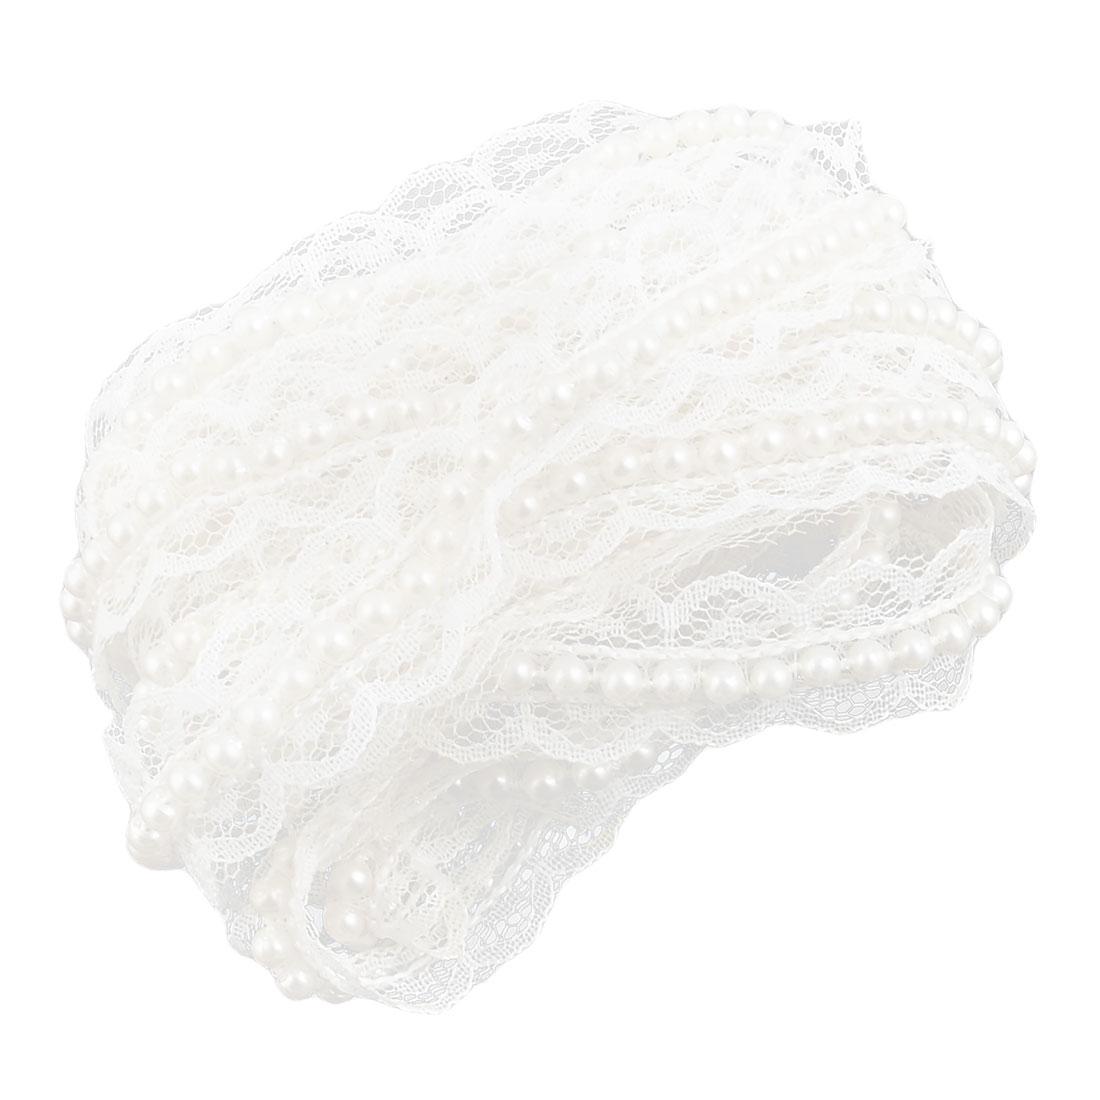 Polyester Neckline Bridal Dress Embellishment Lace Trim Applique Patch 2.2 Yards